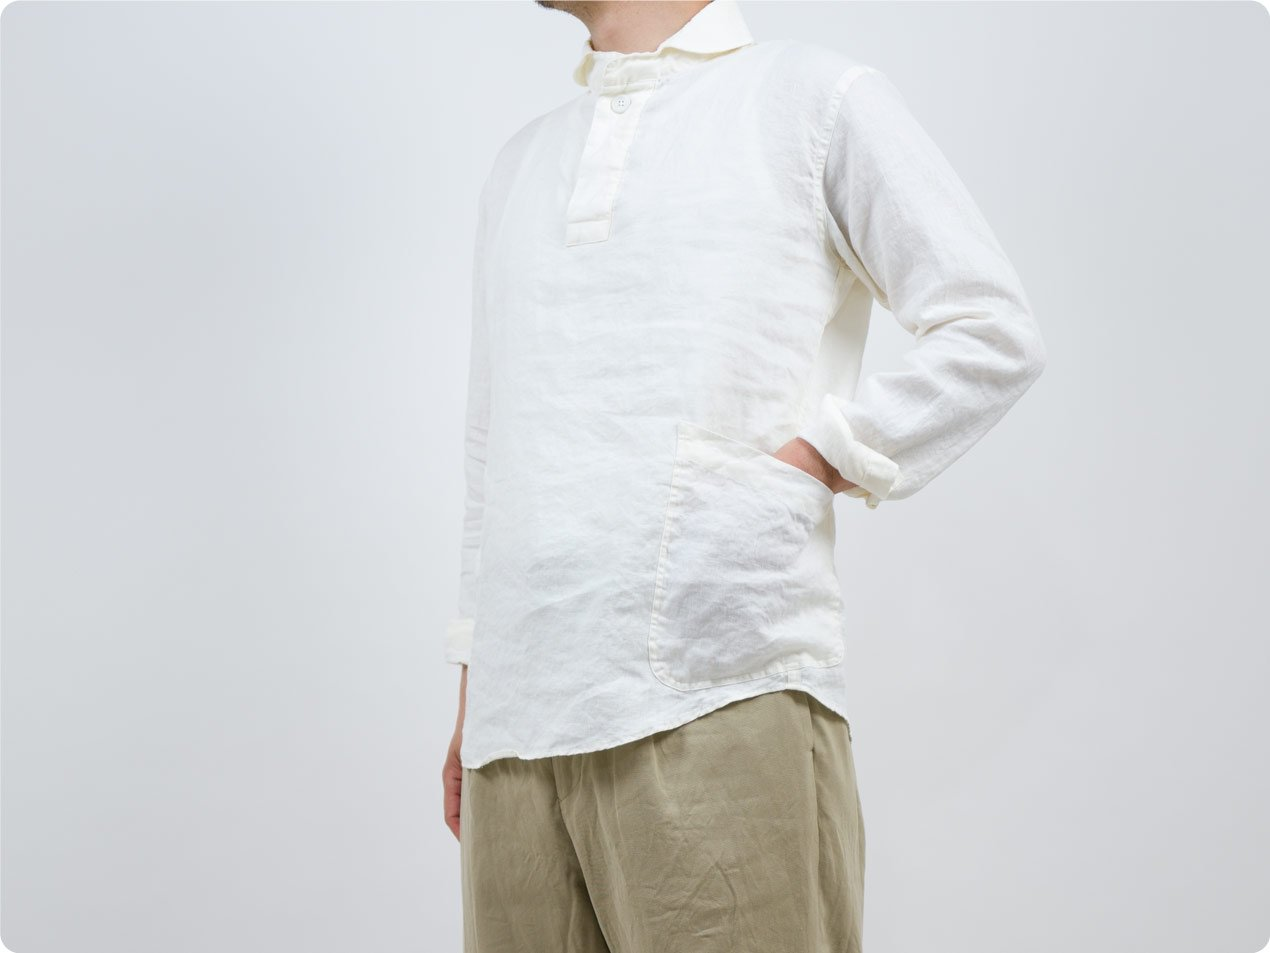 LOLO フレンチリネン プルオーバーシャツ OFF WHITE